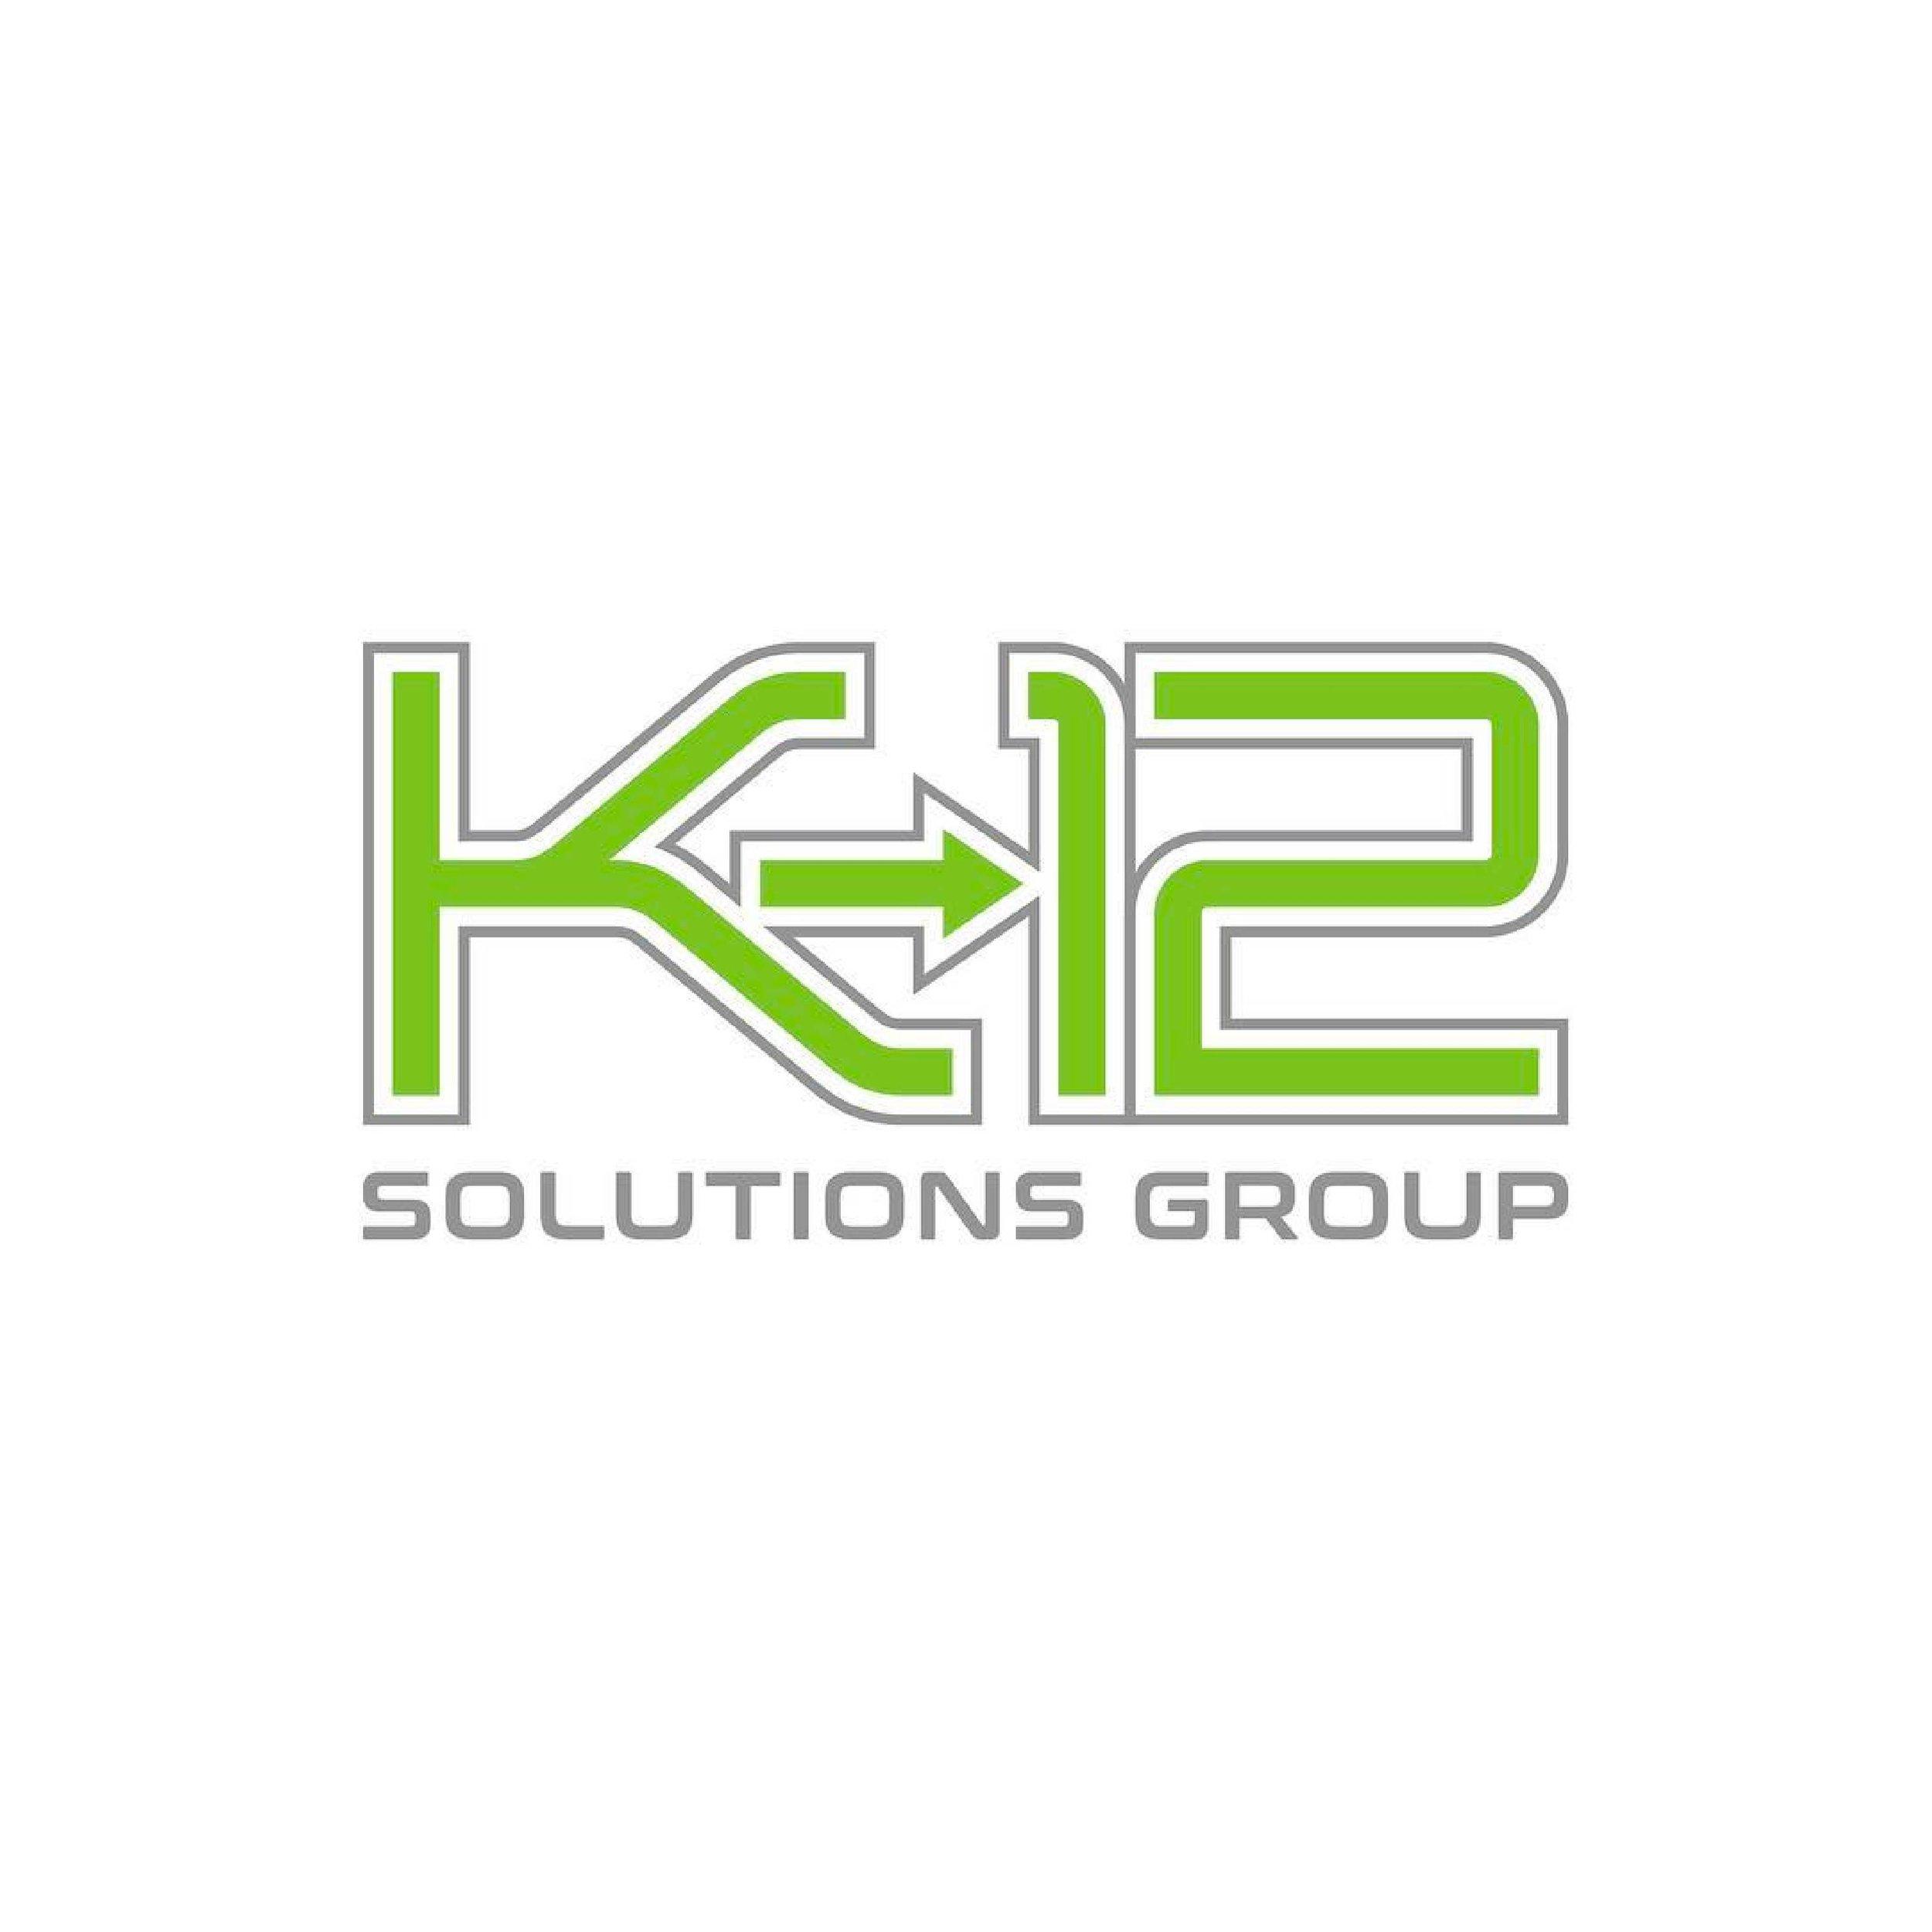 Logos&Branding-11.jpg